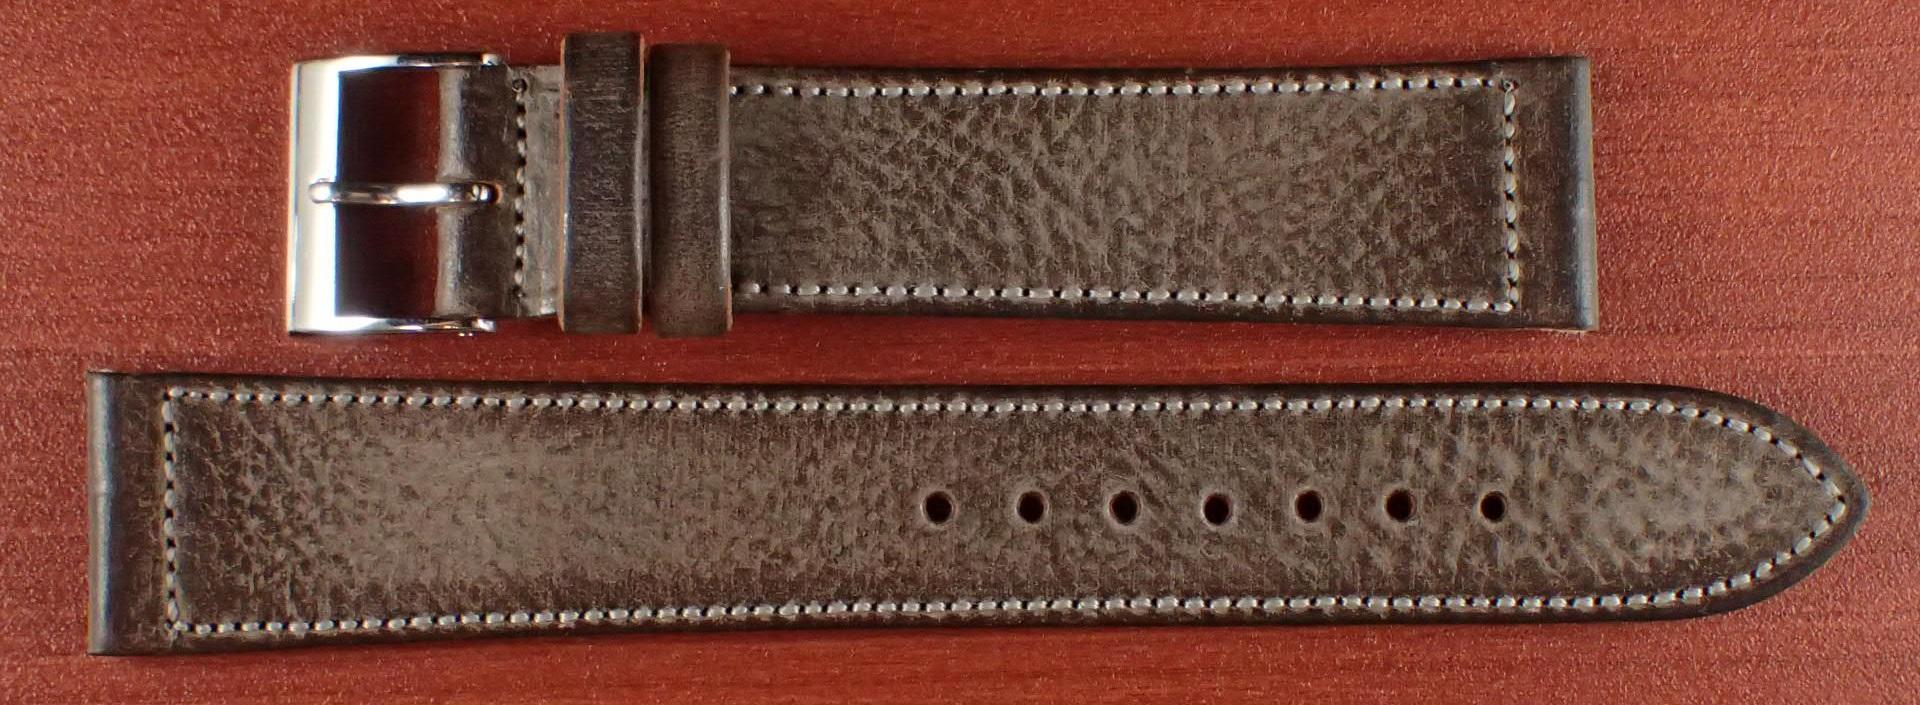 ブライドルレザーベルト ラ・ペルラ・アッズーラ アラスカ ダークブラウン 16、17、18、19、20mm